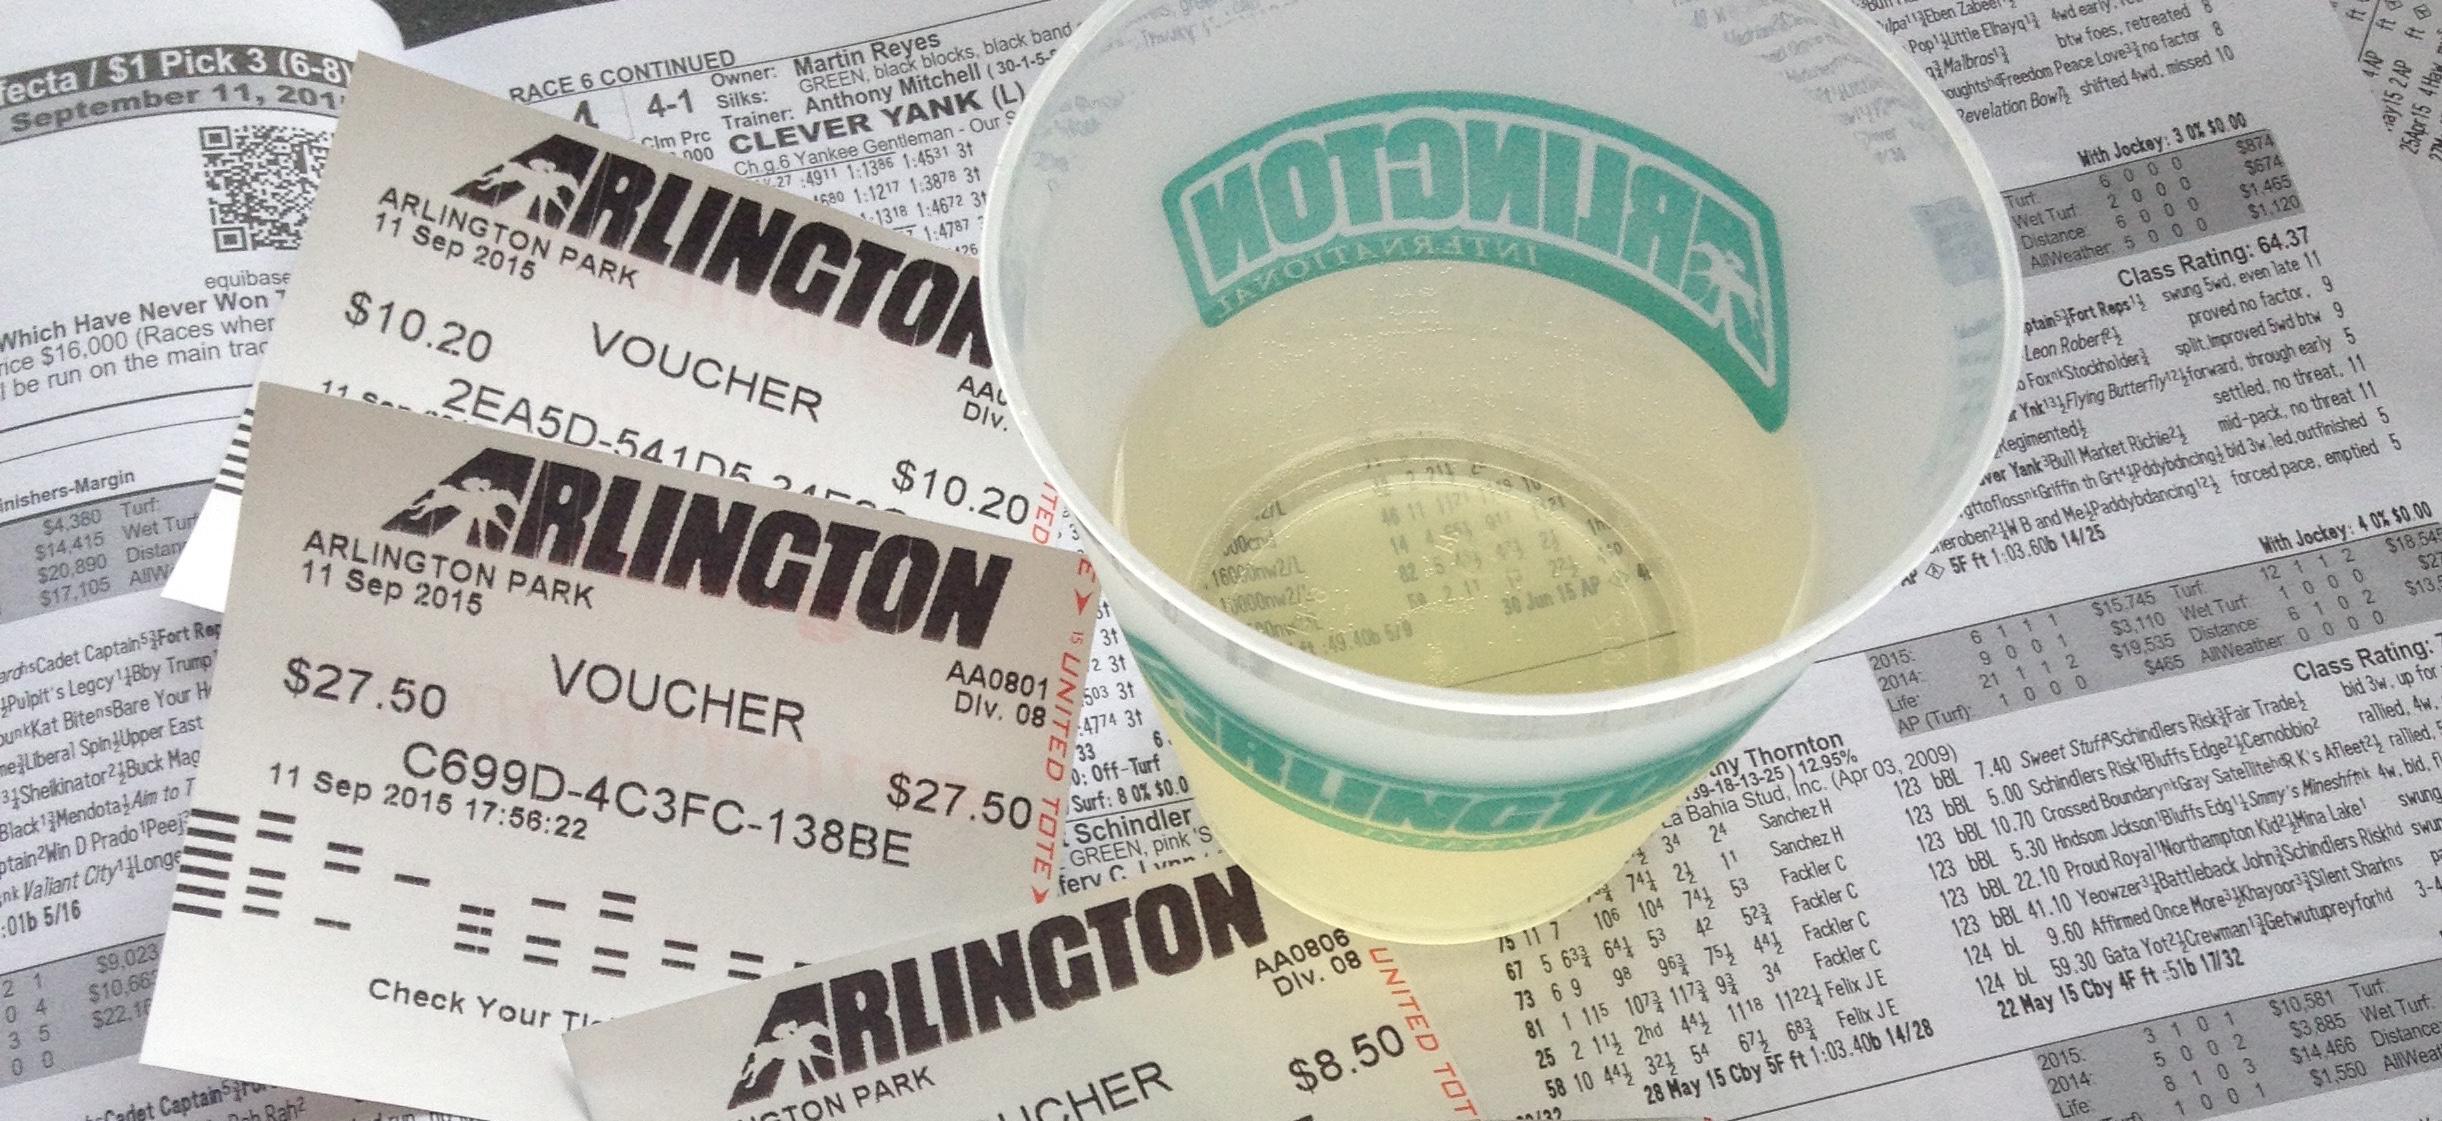 Arlington races event